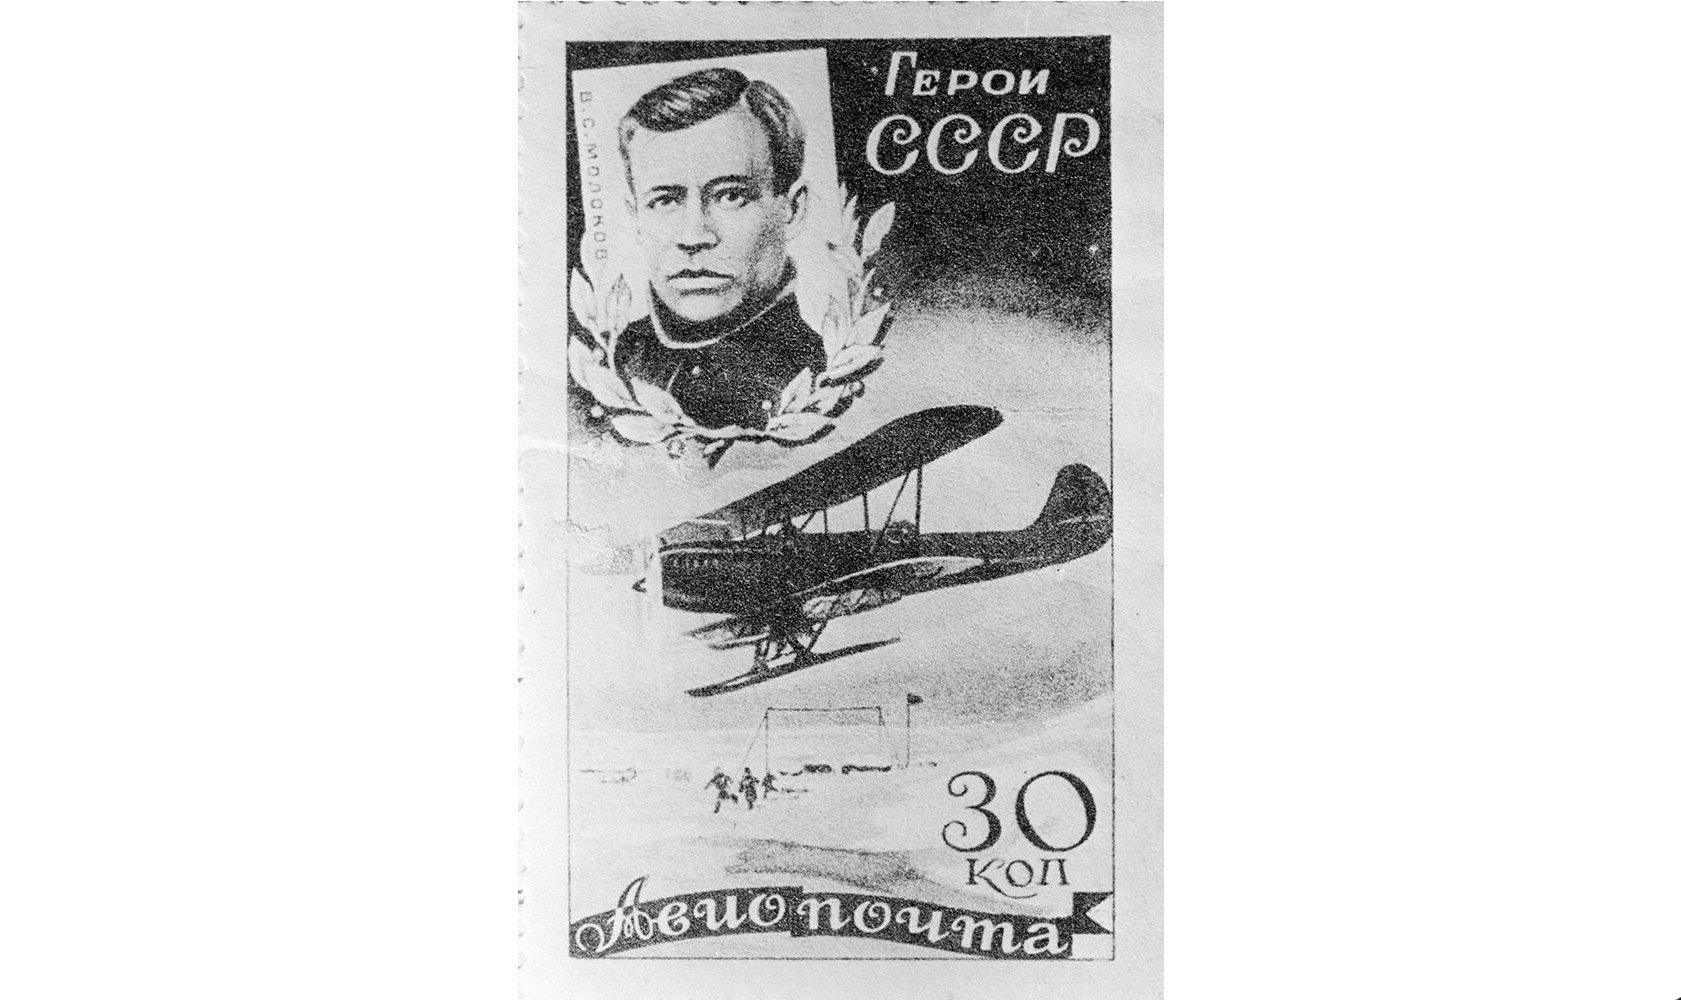 Советская почтовая марка 1935 года с портретом Героя Советского Союза Вячеслава Молокова